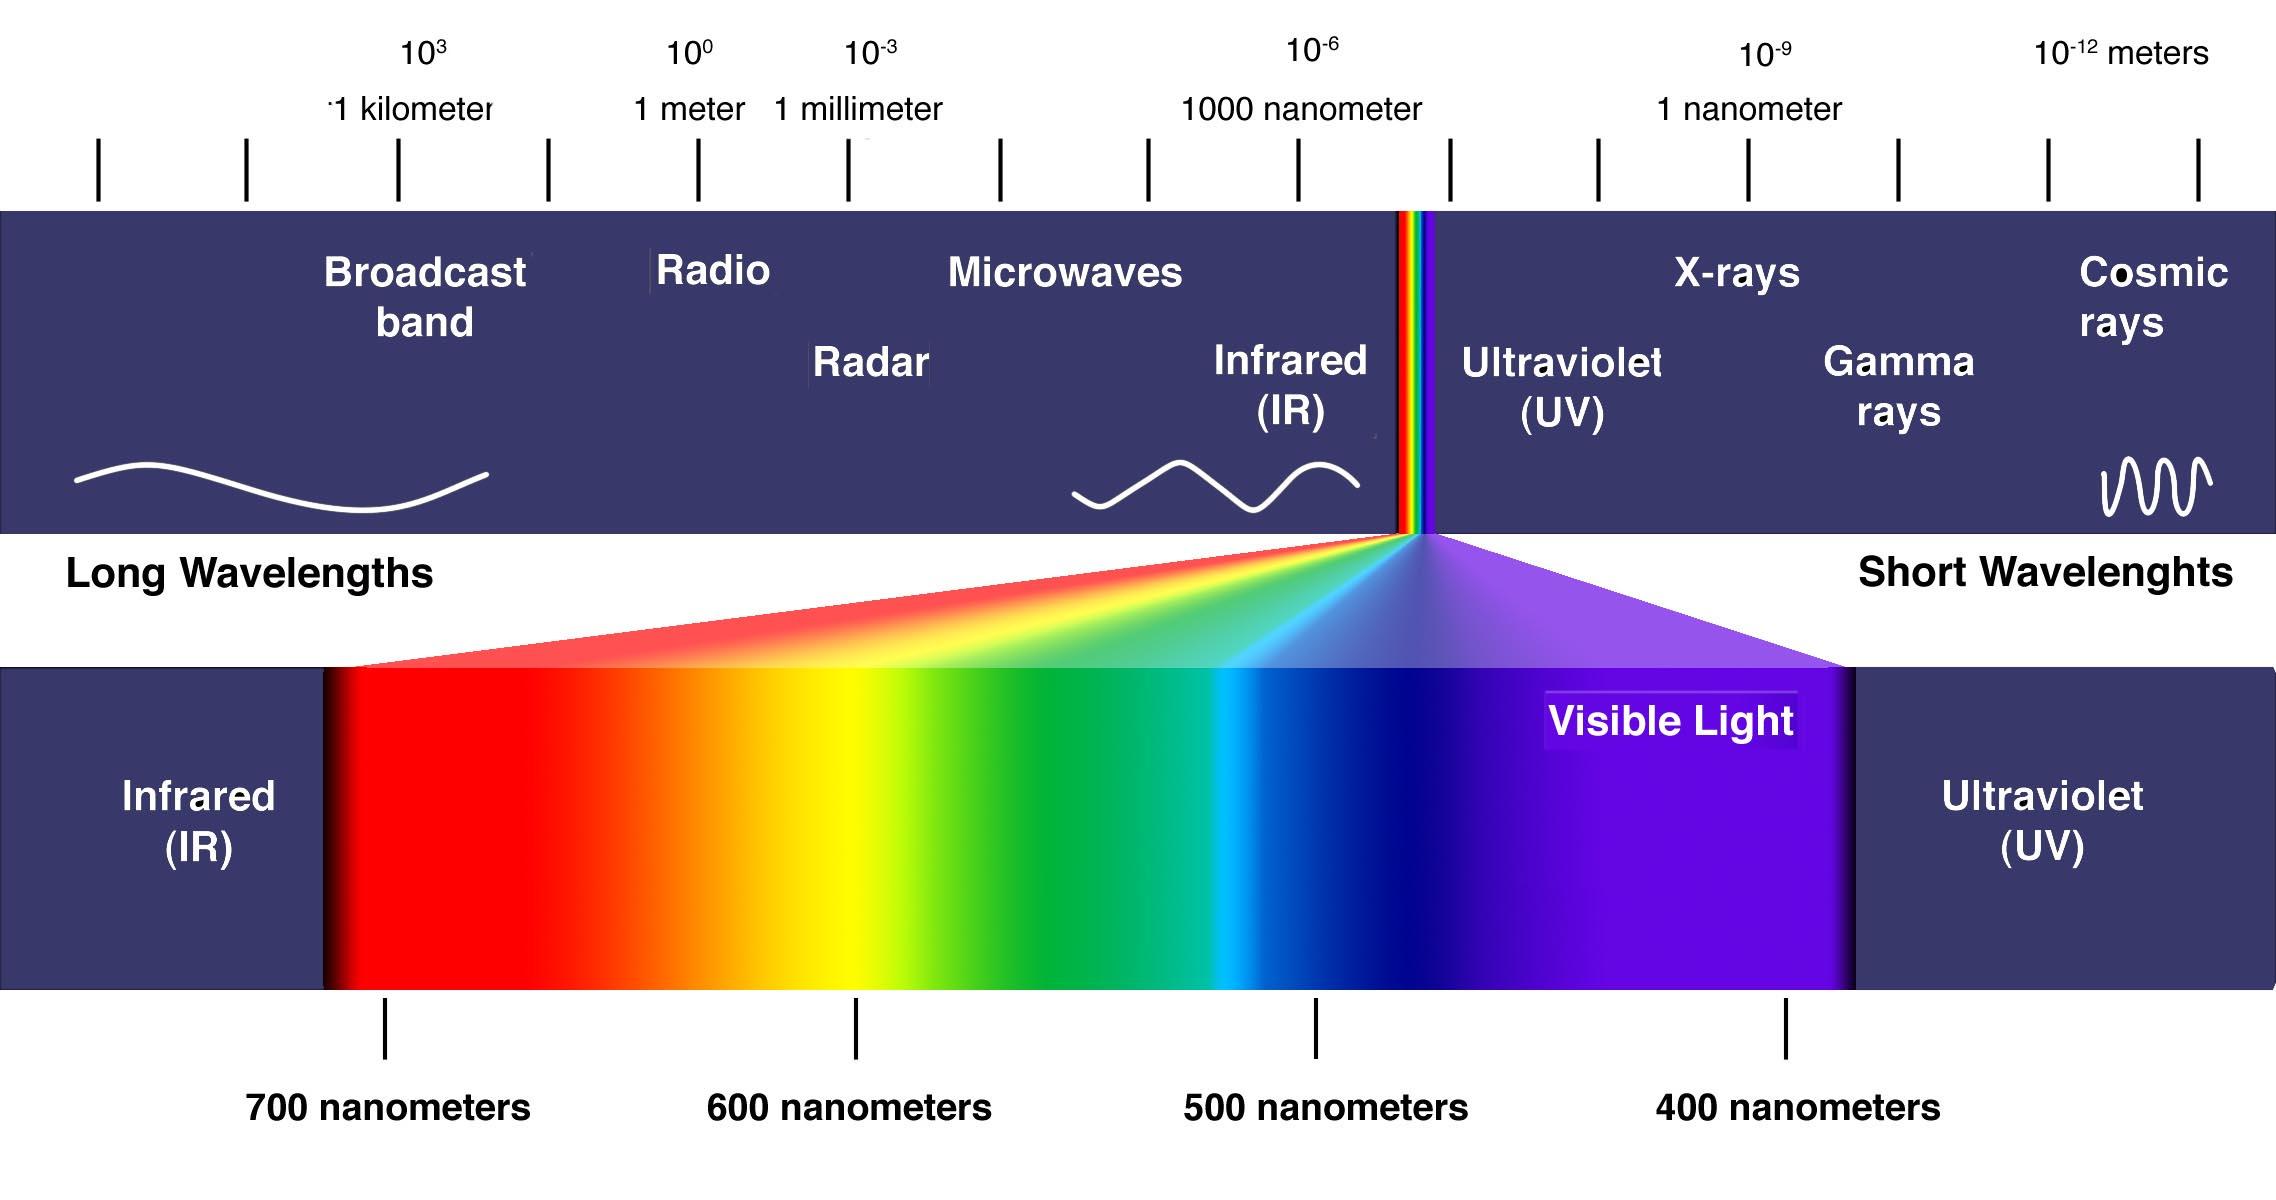 Physique quantique for dummies - Page 10 1-electromagnetic-spectrum-me4f6eea1c9d84083a9cb32e9cc26c89d